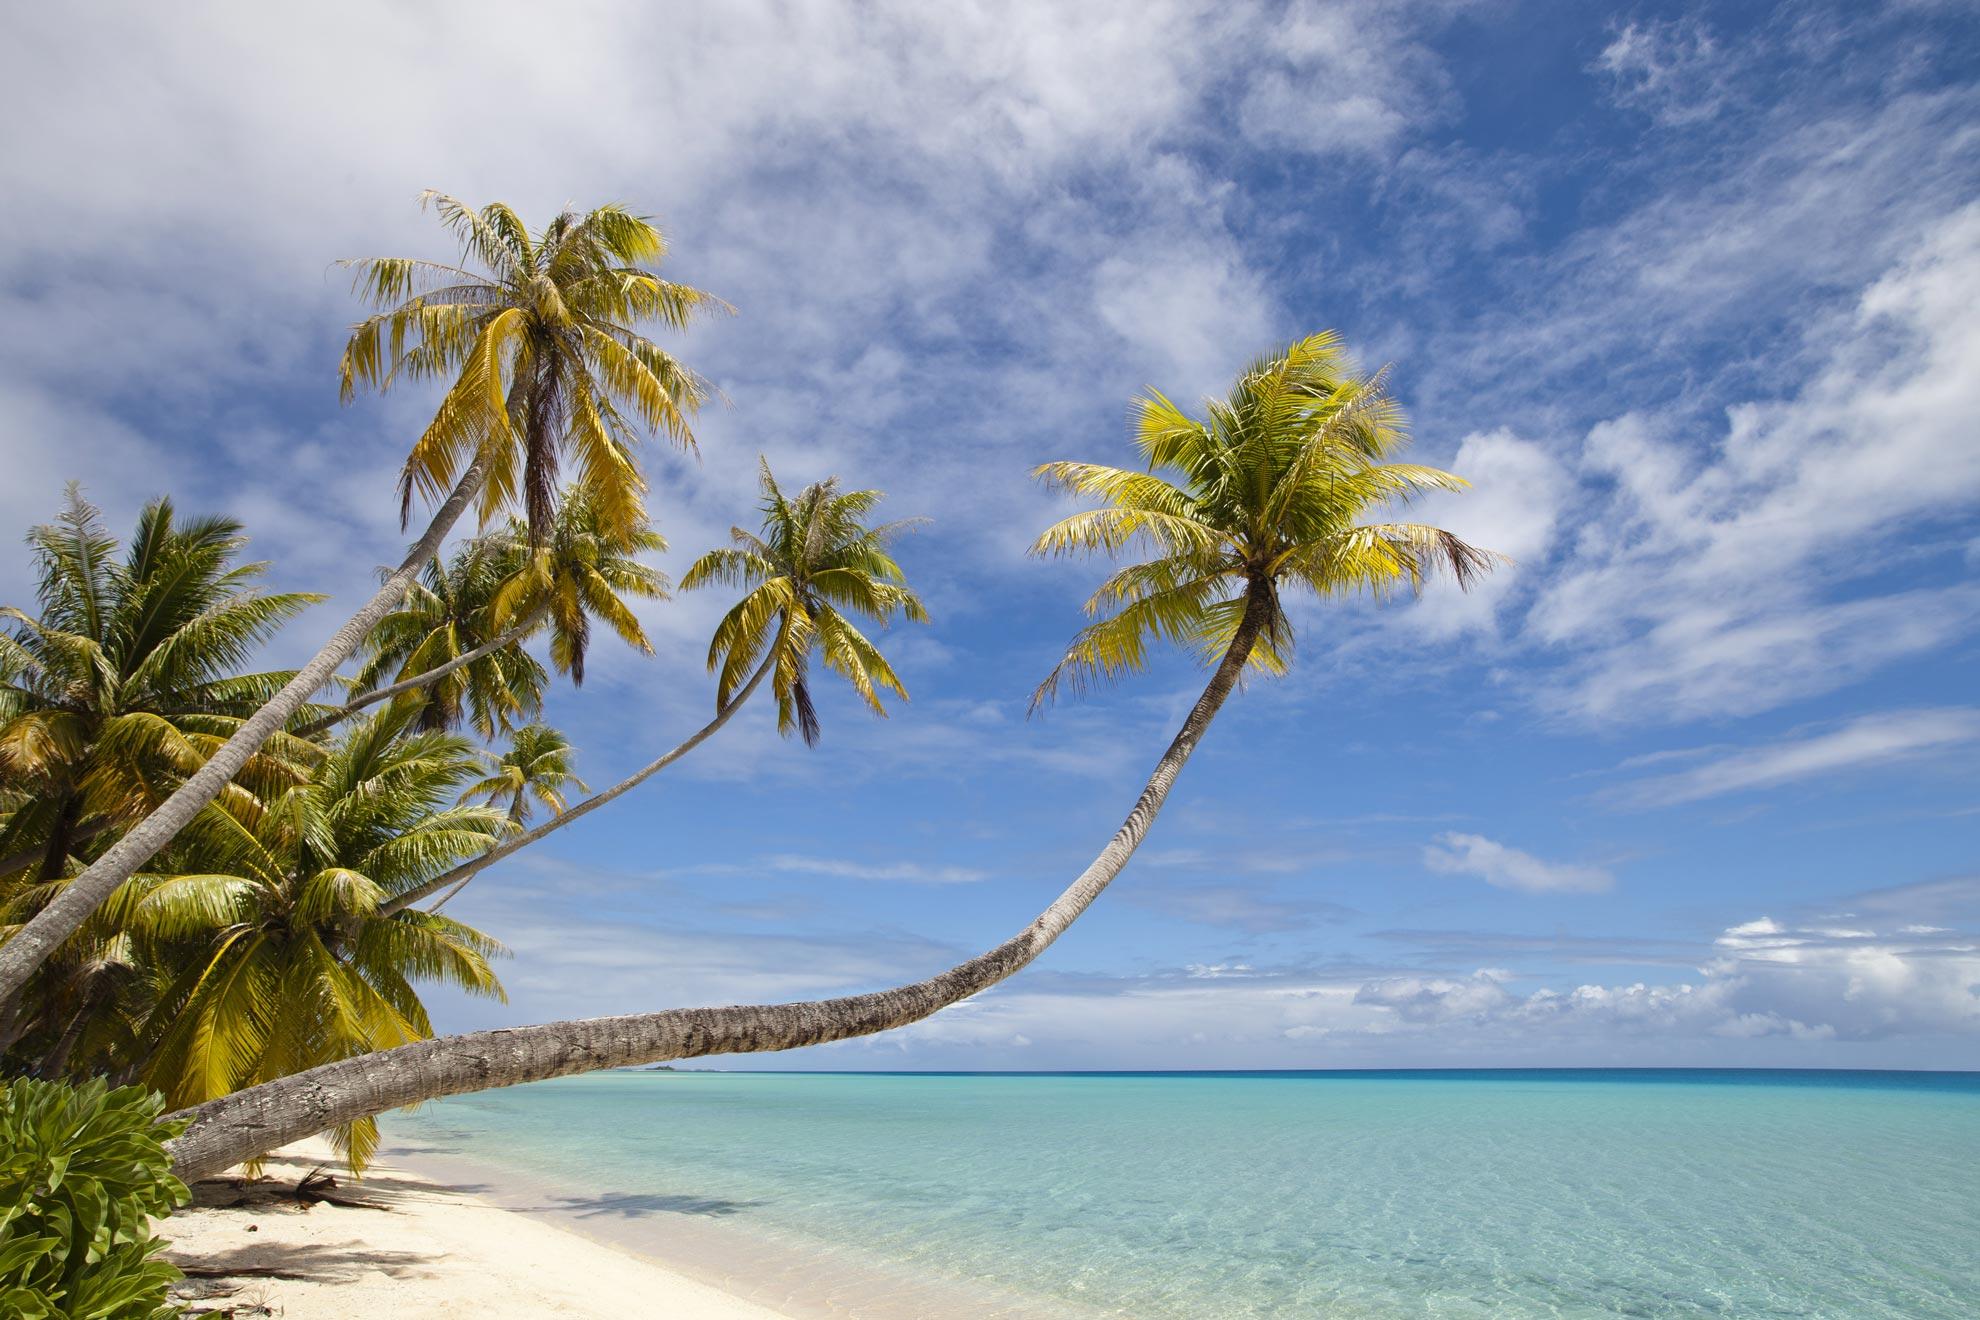 Exotic Voyages agence de voyage specialiste Nouvelle-Calédonie